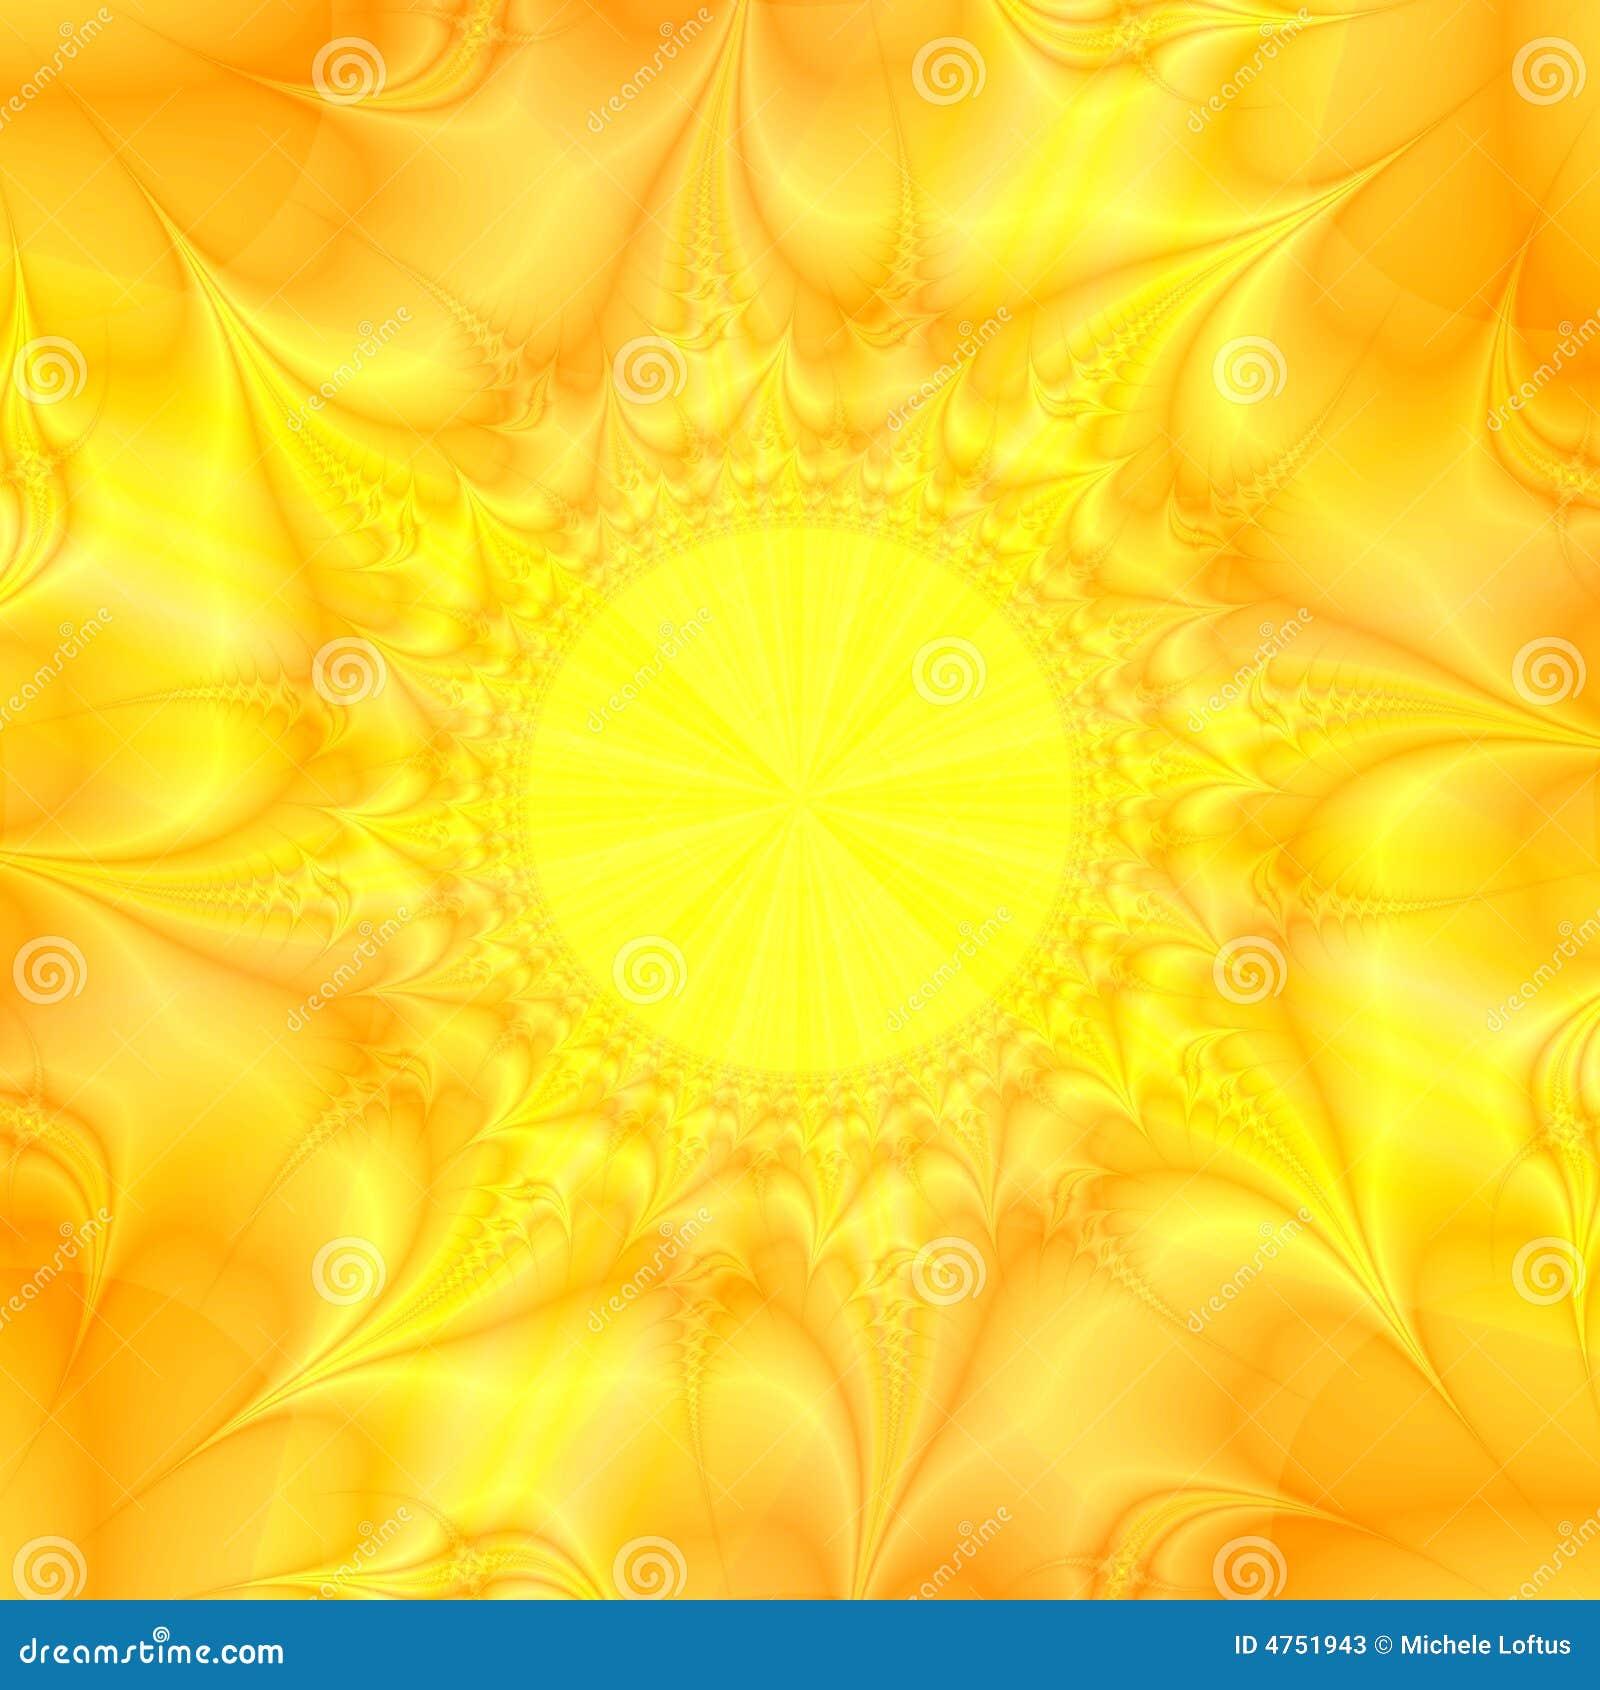 Fondo amarillo del extracto del sol fotos de archivo for Fondo del sol